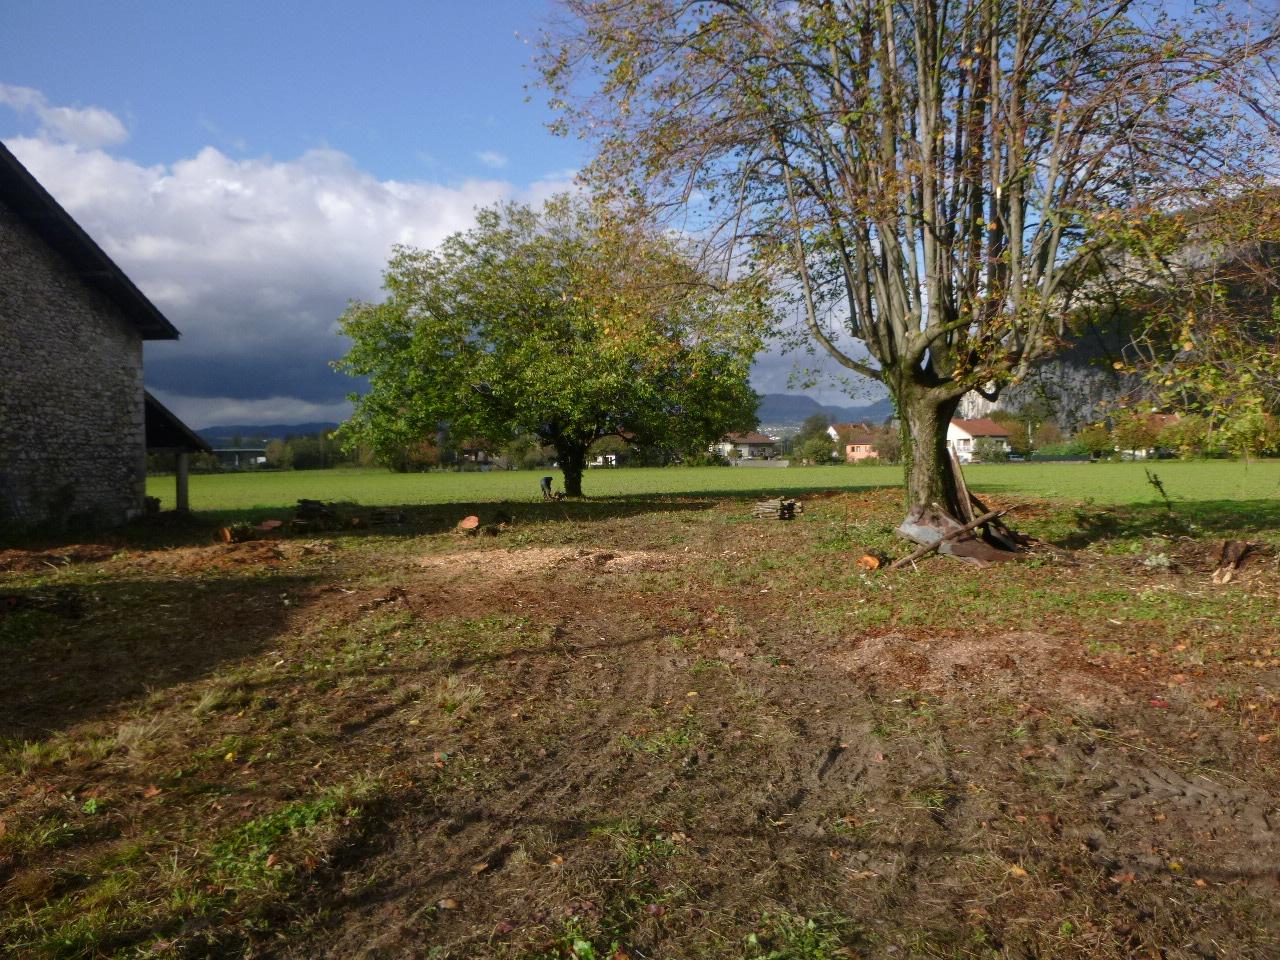 Réaménagement d'une ferme en appartement : préparation du terrain